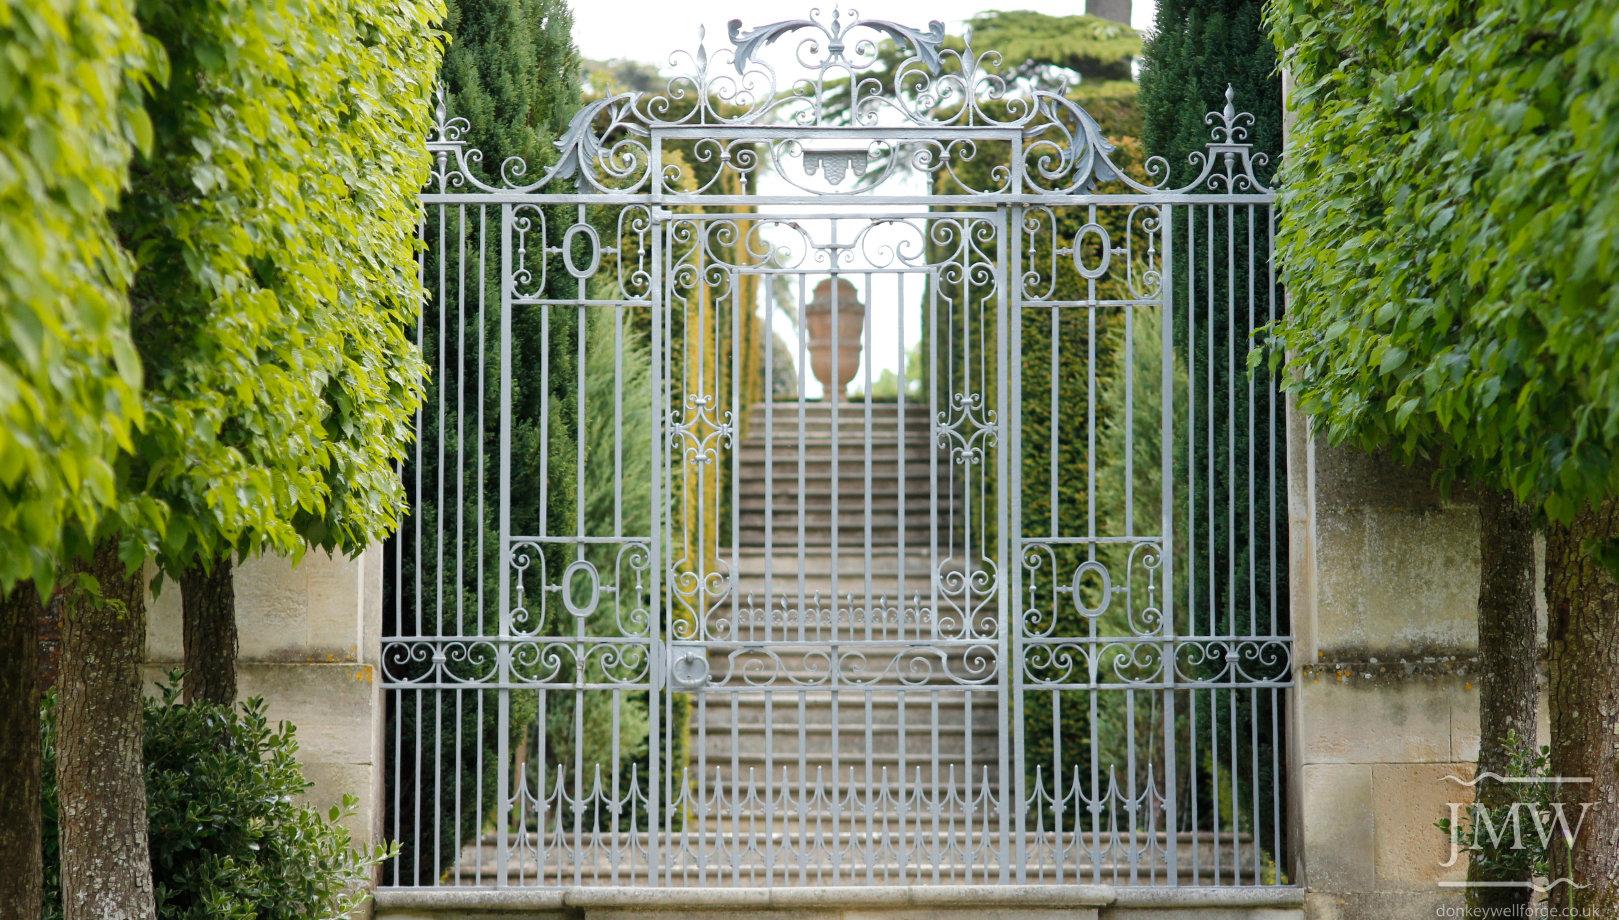 buscott-park-gate-restoration-metalwork